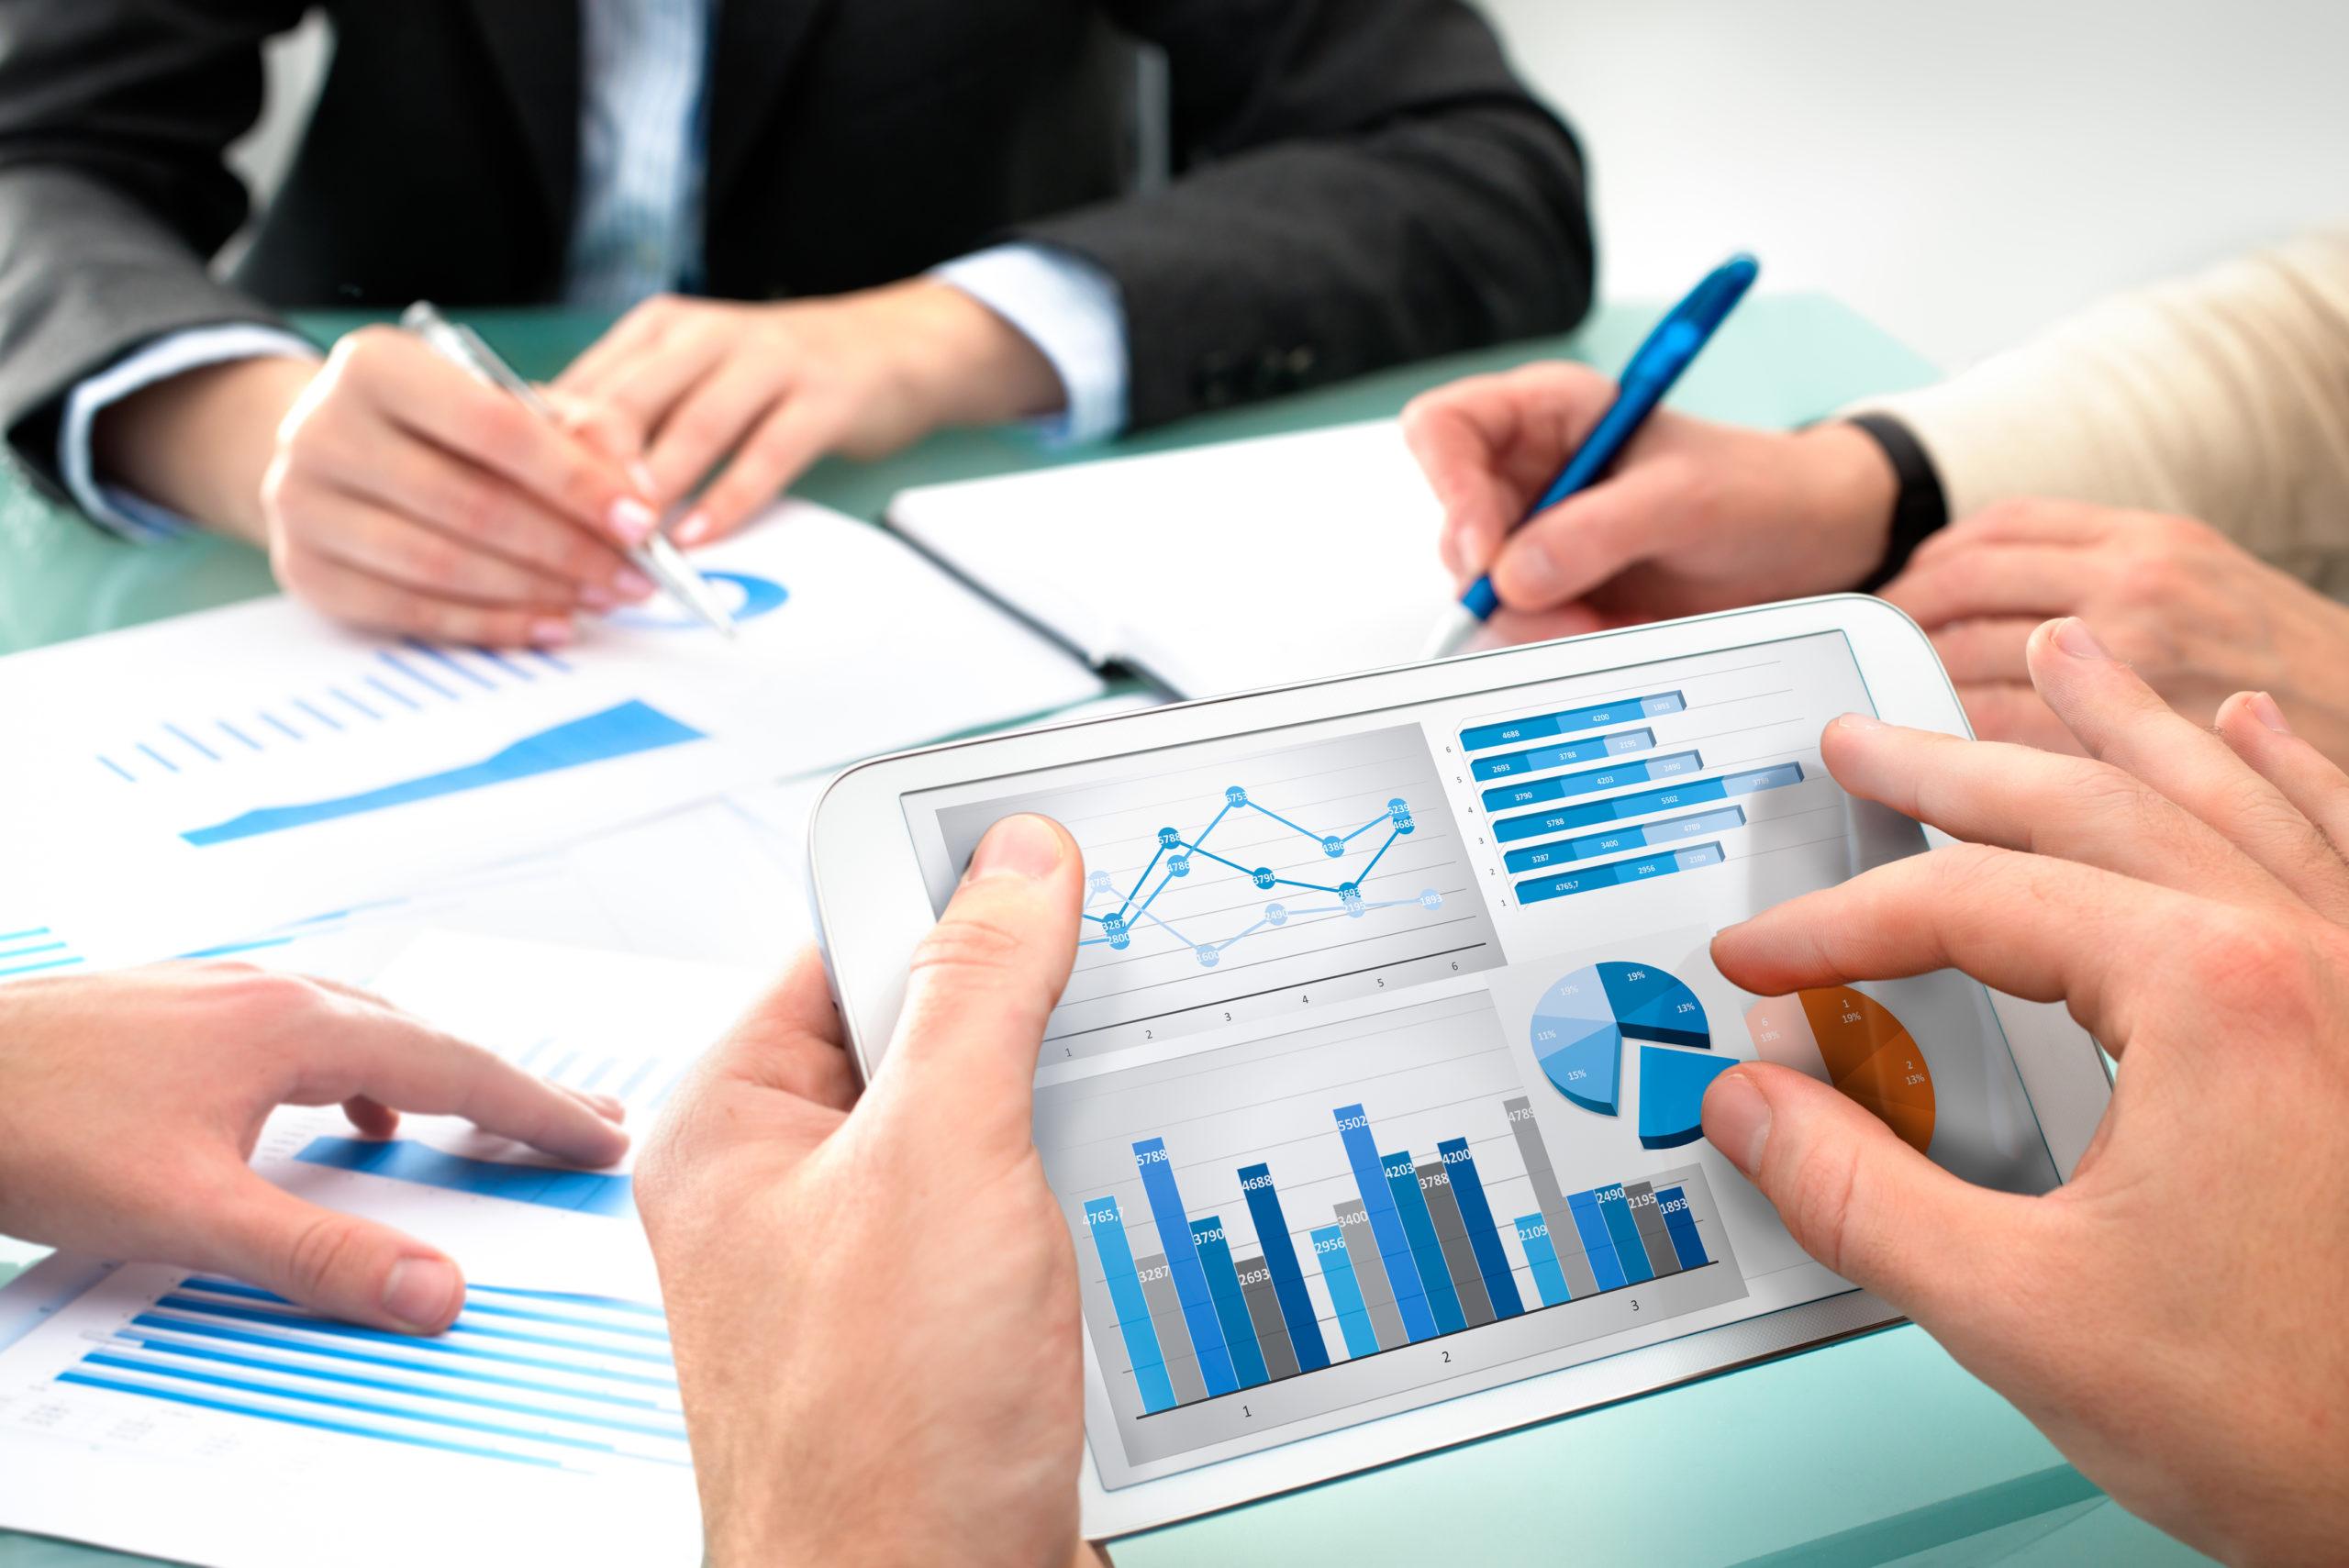 В Правительстве Тверской области рассмотрят инвестиционную программу